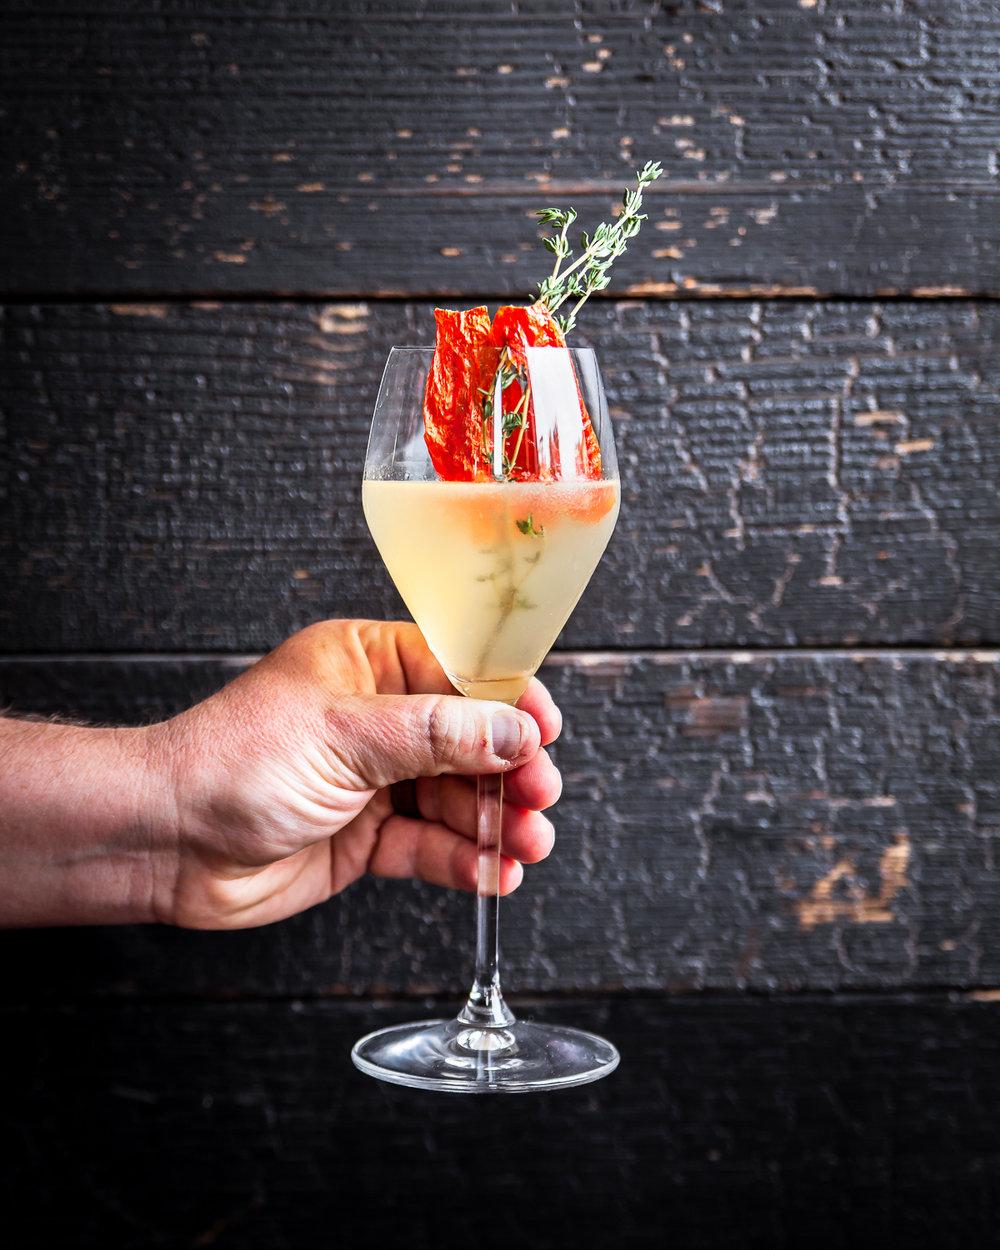 Cocktails at Los Balcones, Studio city